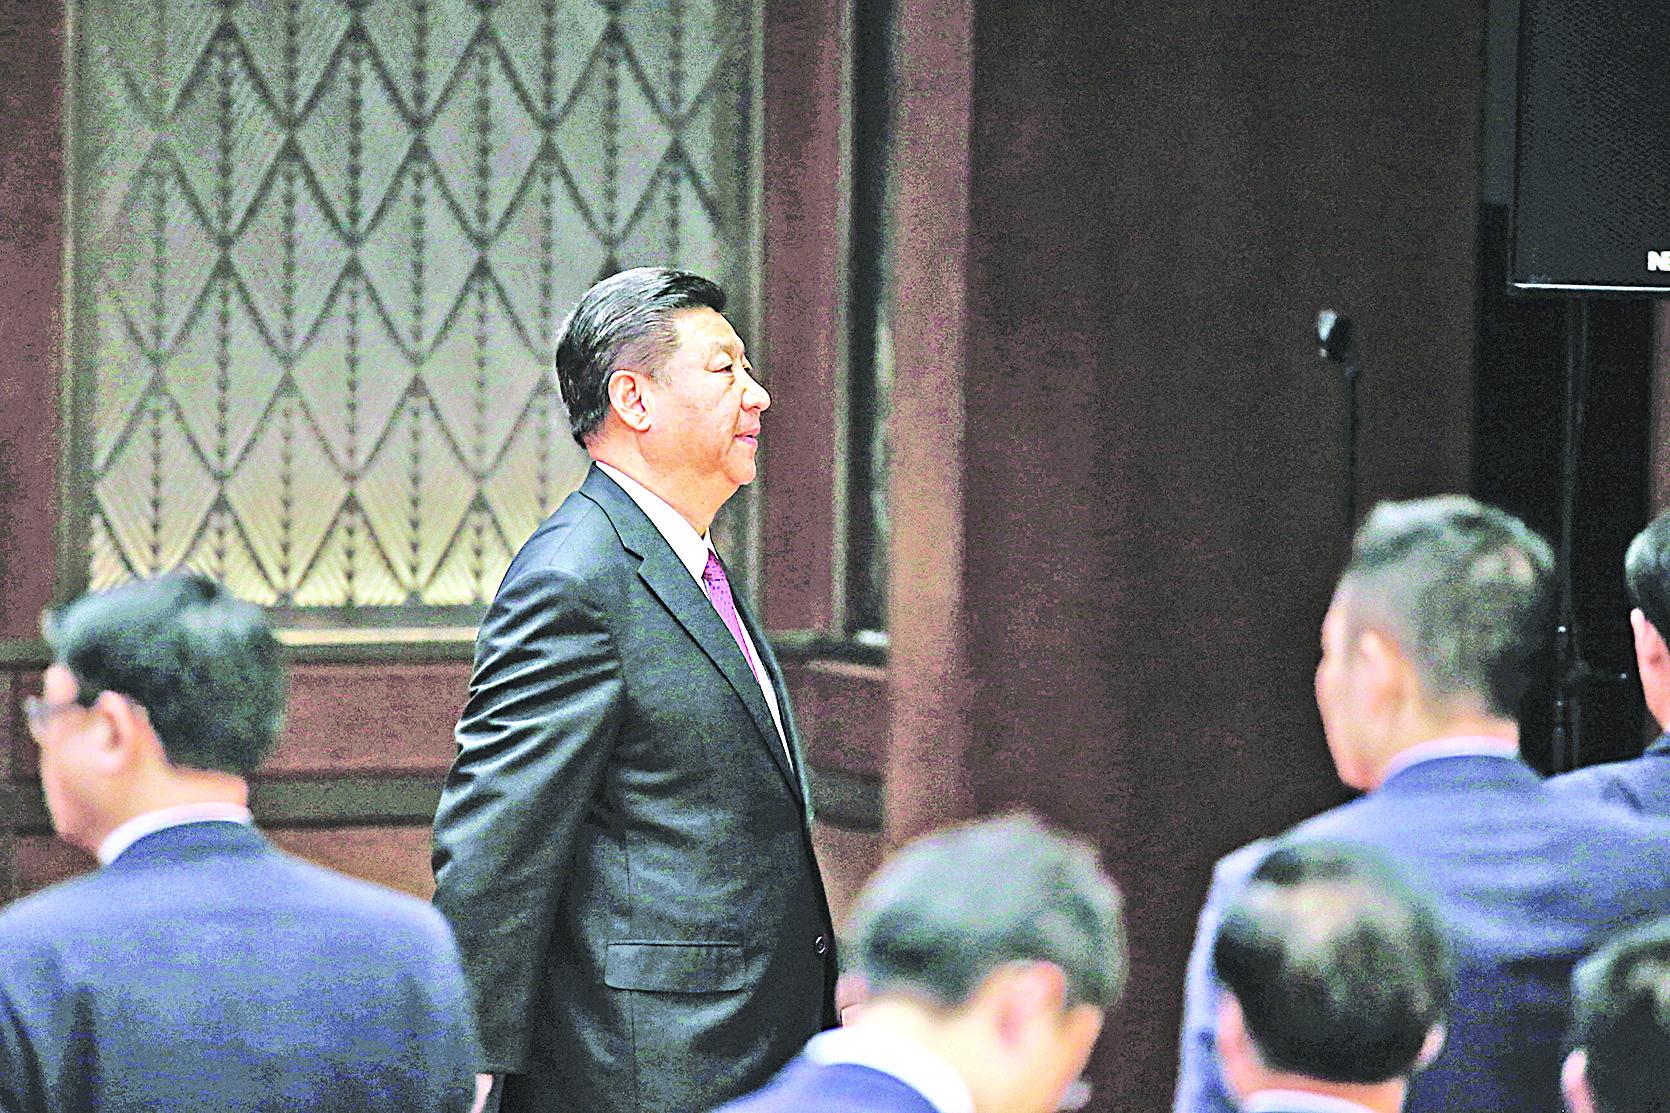 中共官方披露,習近平去年9月29日主持中央政治局會議,敲定修憲 。( JASON LEE/AFP/Getty Images)